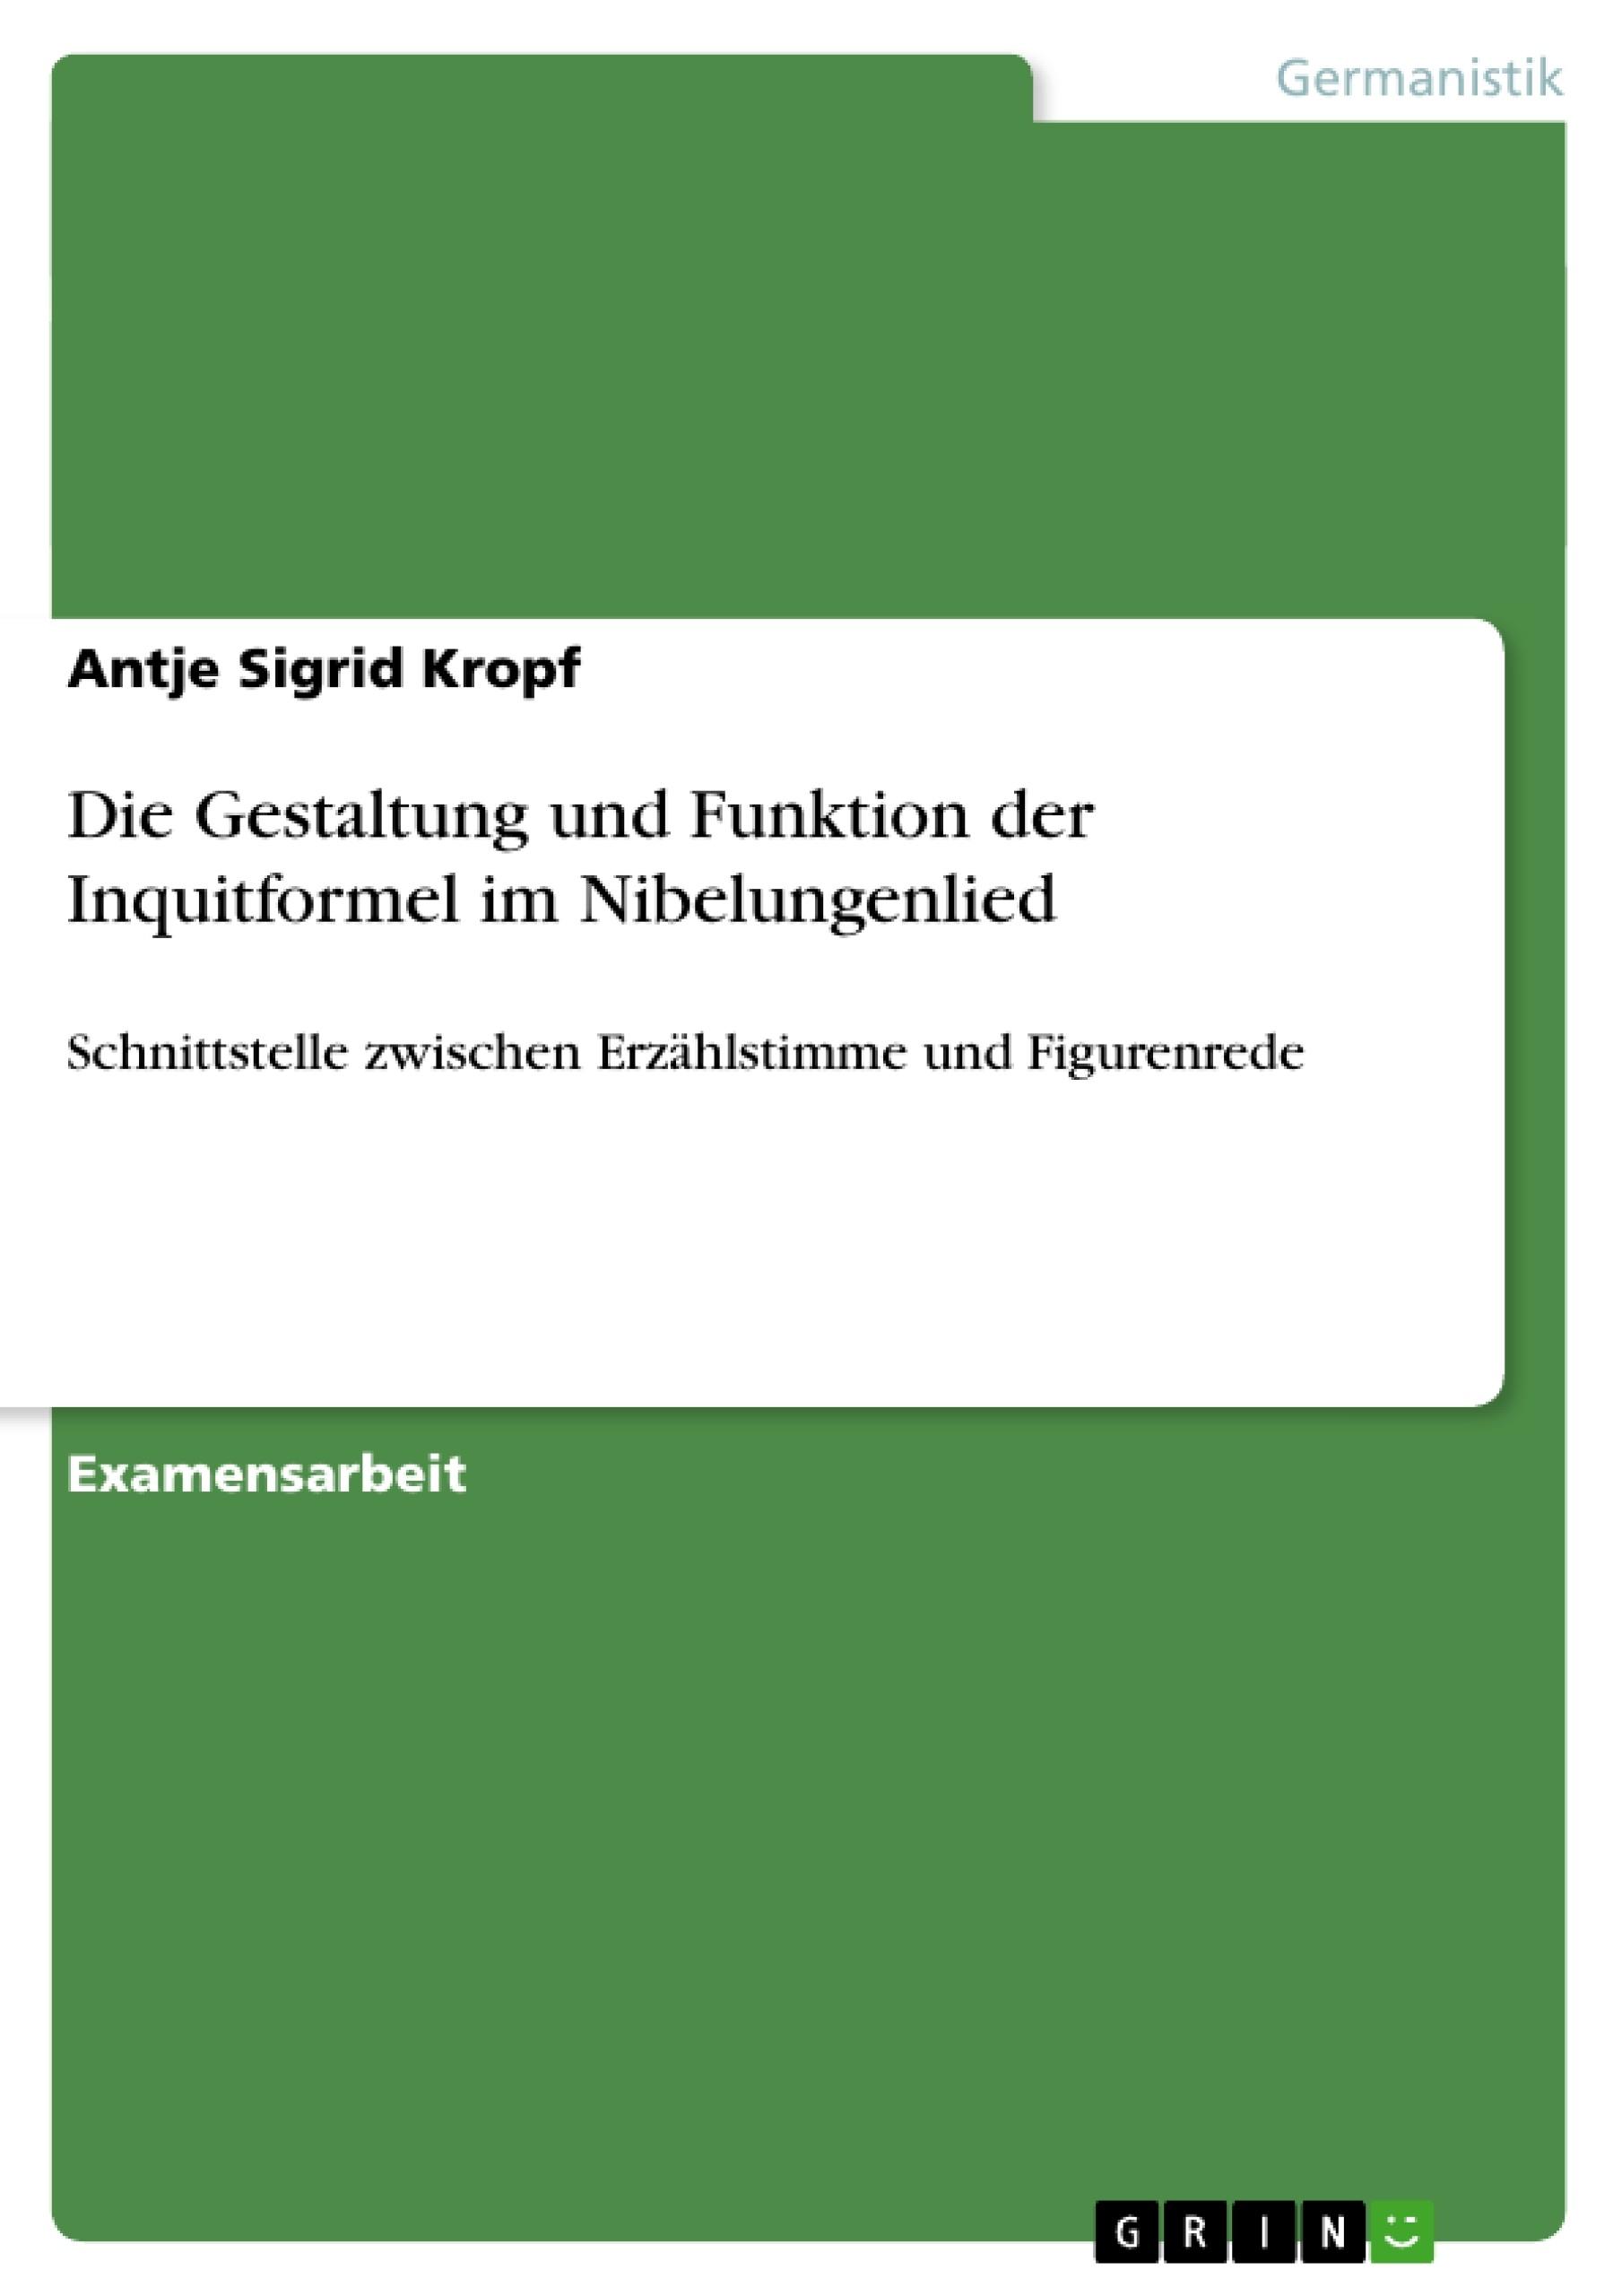 Titel: Die Gestaltung und Funktion der Inquitformel im Nibelungenlied